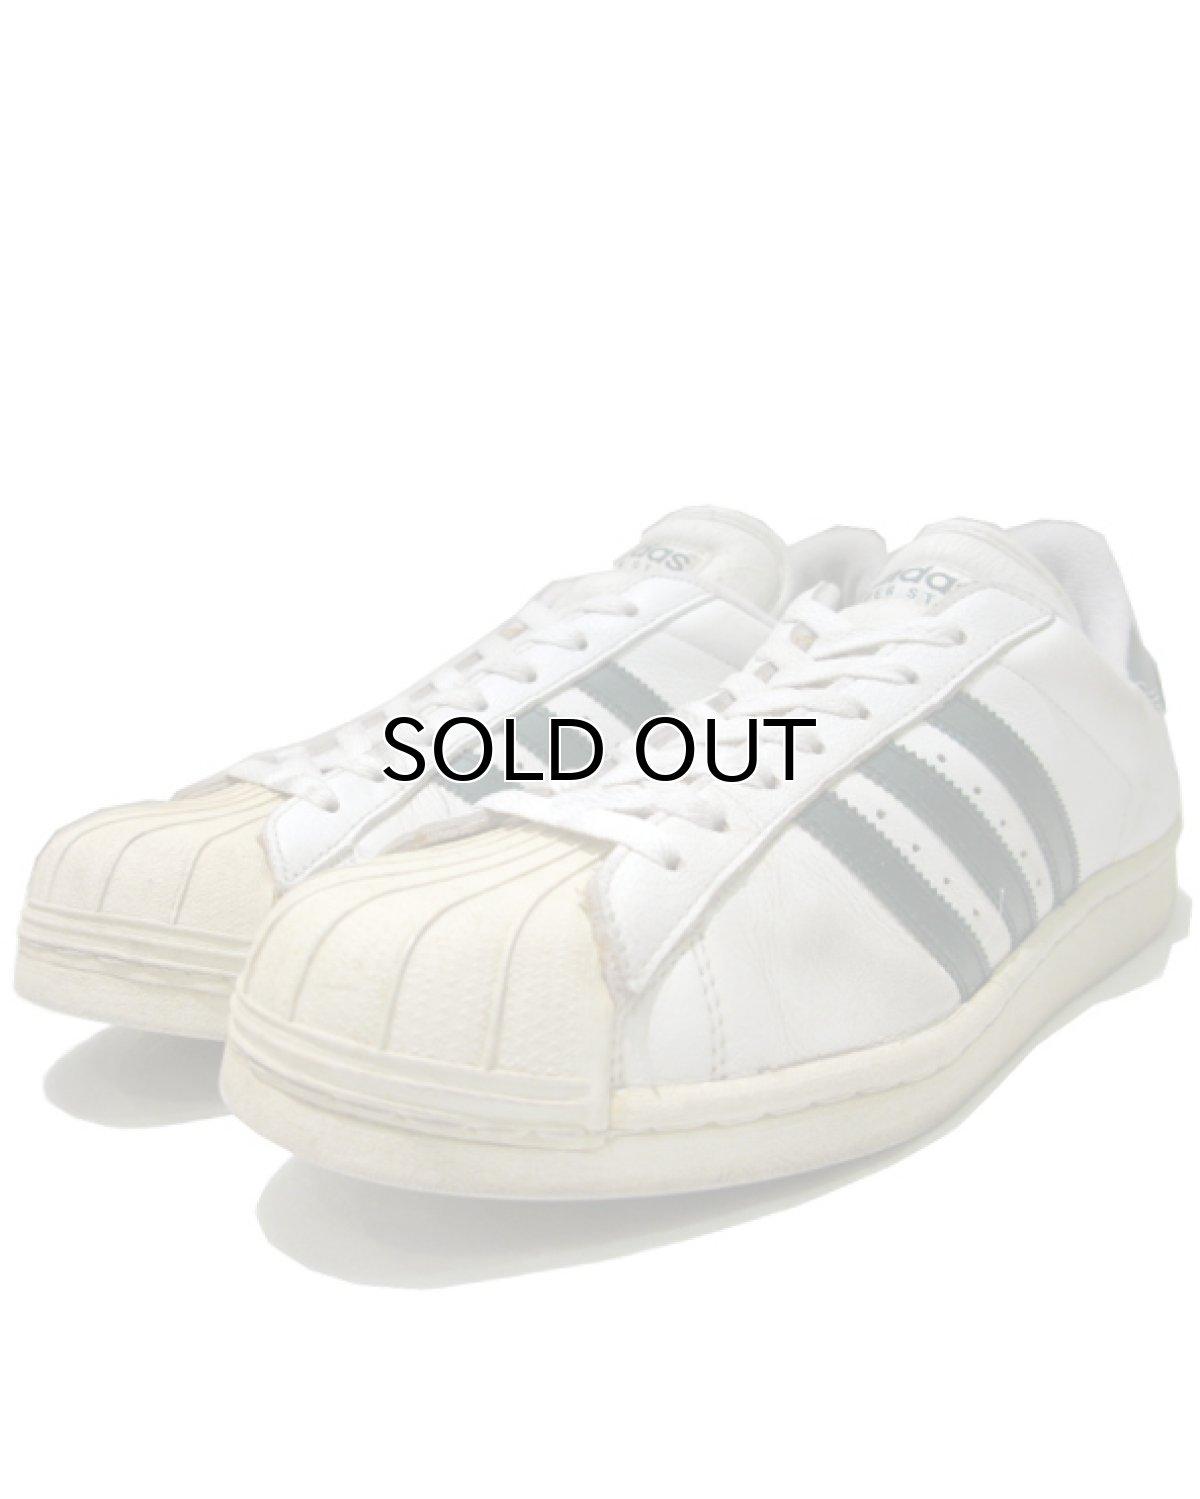 """画像1: 1990's adidas """"Super Star"""" Leather Sneaker WHITE / GREEN size 12 (30 cm) (1)"""